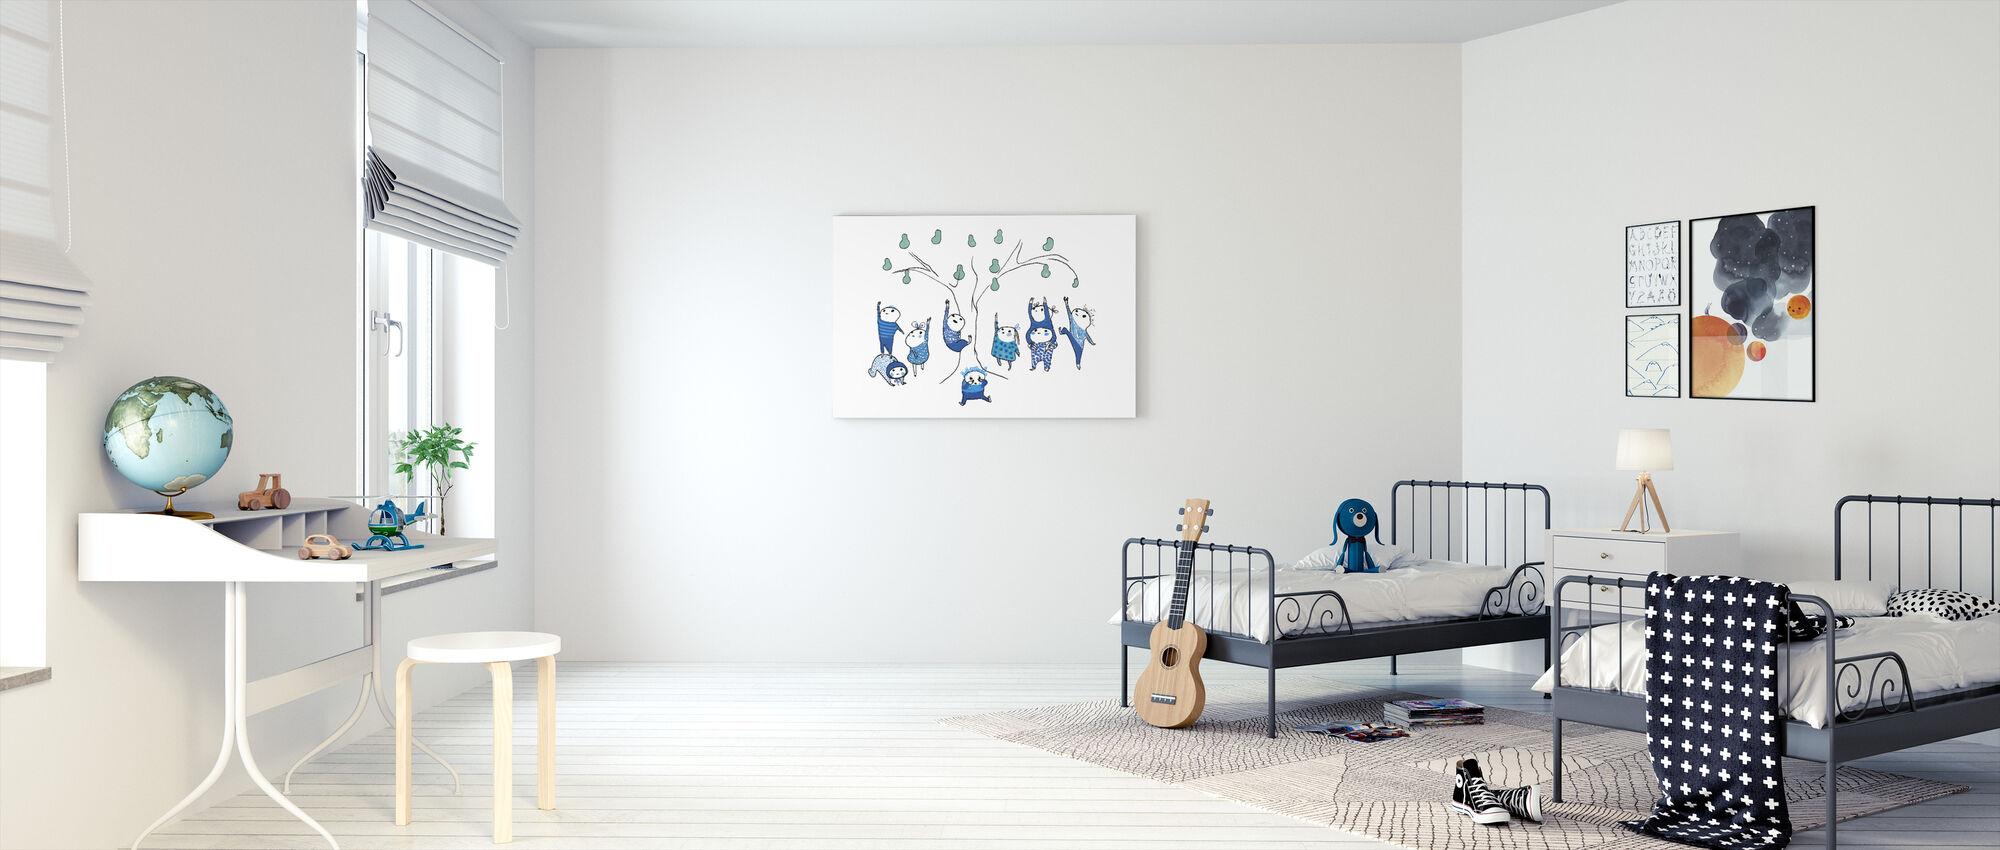 Nine petit bleu ne peut pas atteindre - Impression sur toile - Chambre des enfants